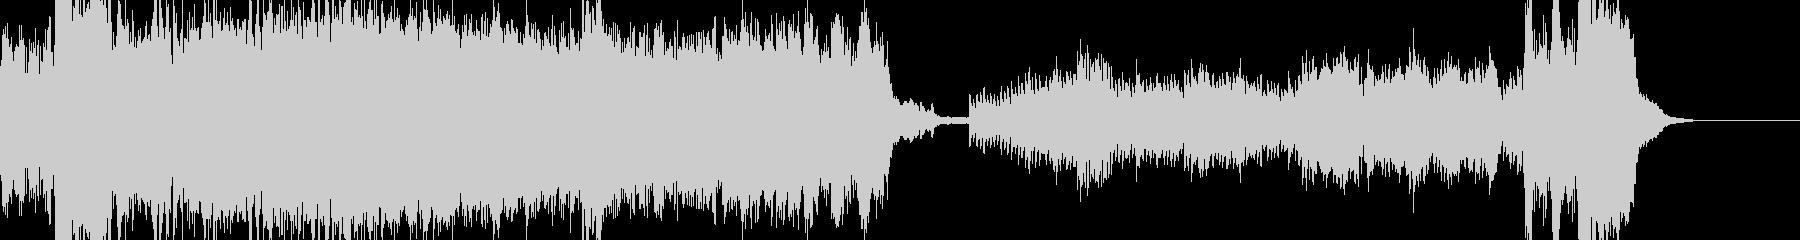 ピアノと弦が組み合わさって、印象的...の未再生の波形